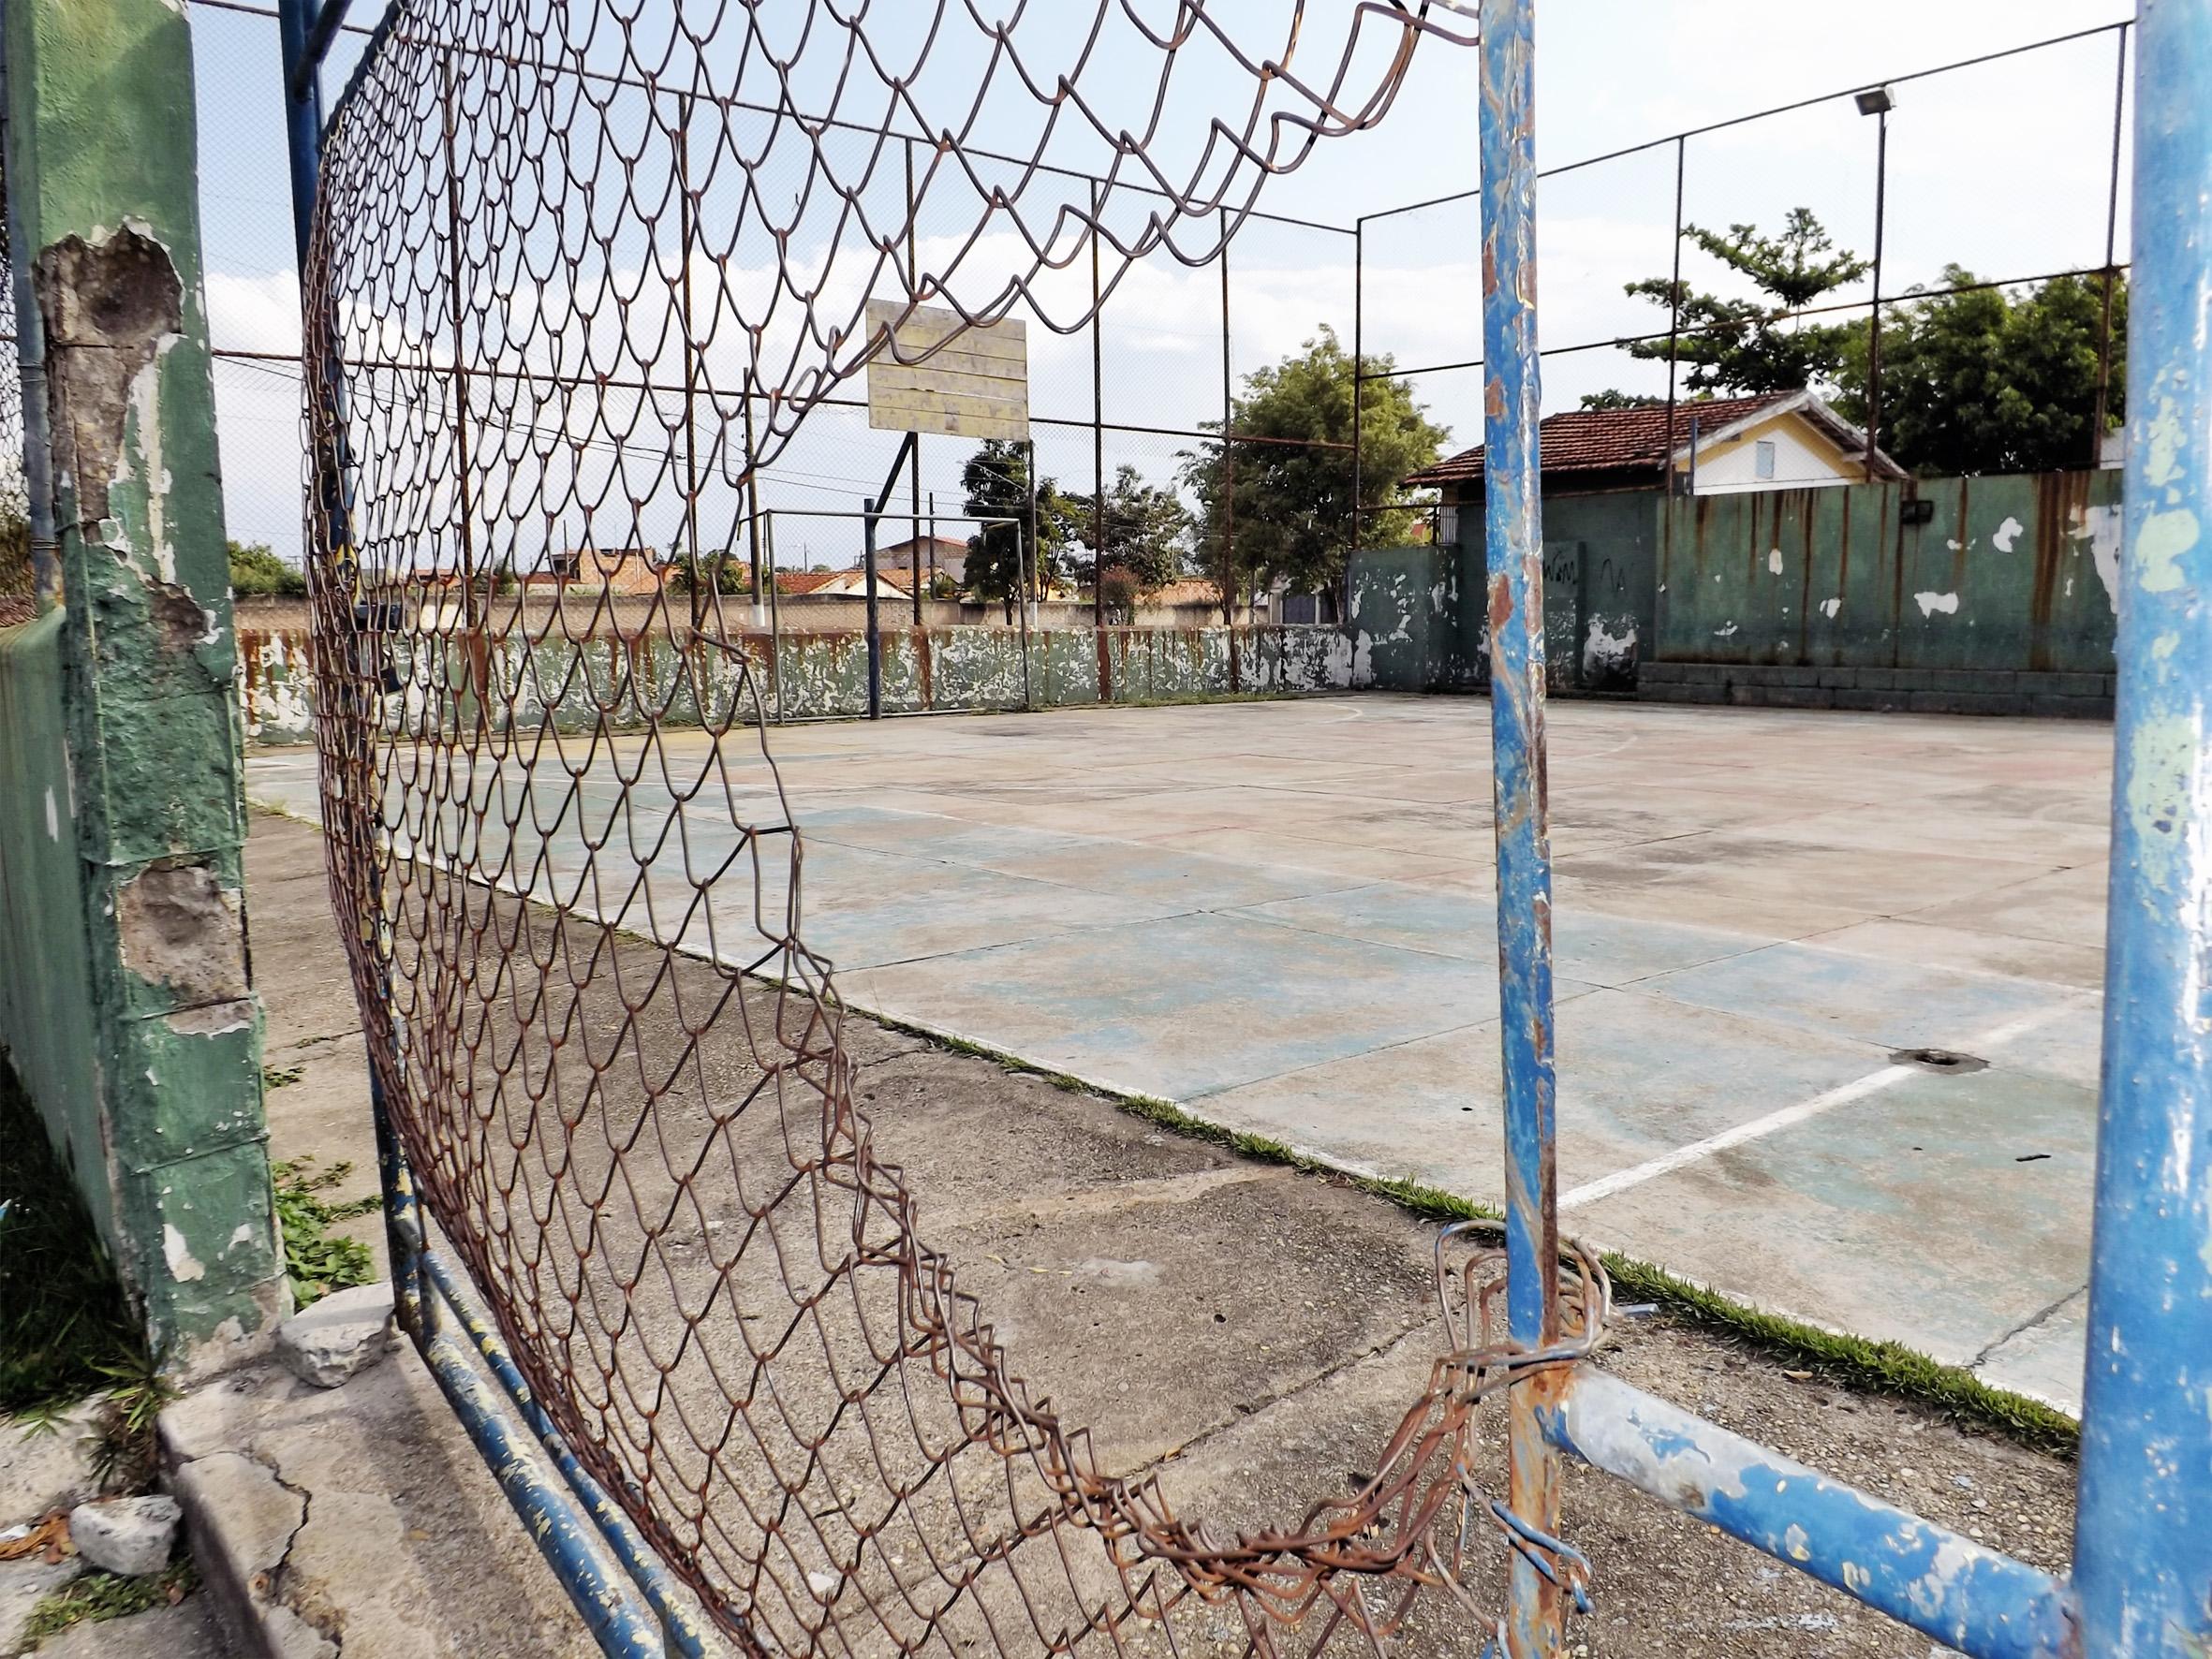 Alambrado destruído, tabelas de basquete sem aro, piso com irregularidades; cenário mostra abandono de quadra esportiva em Cachoeira (Foto: Lucas Barbosa)